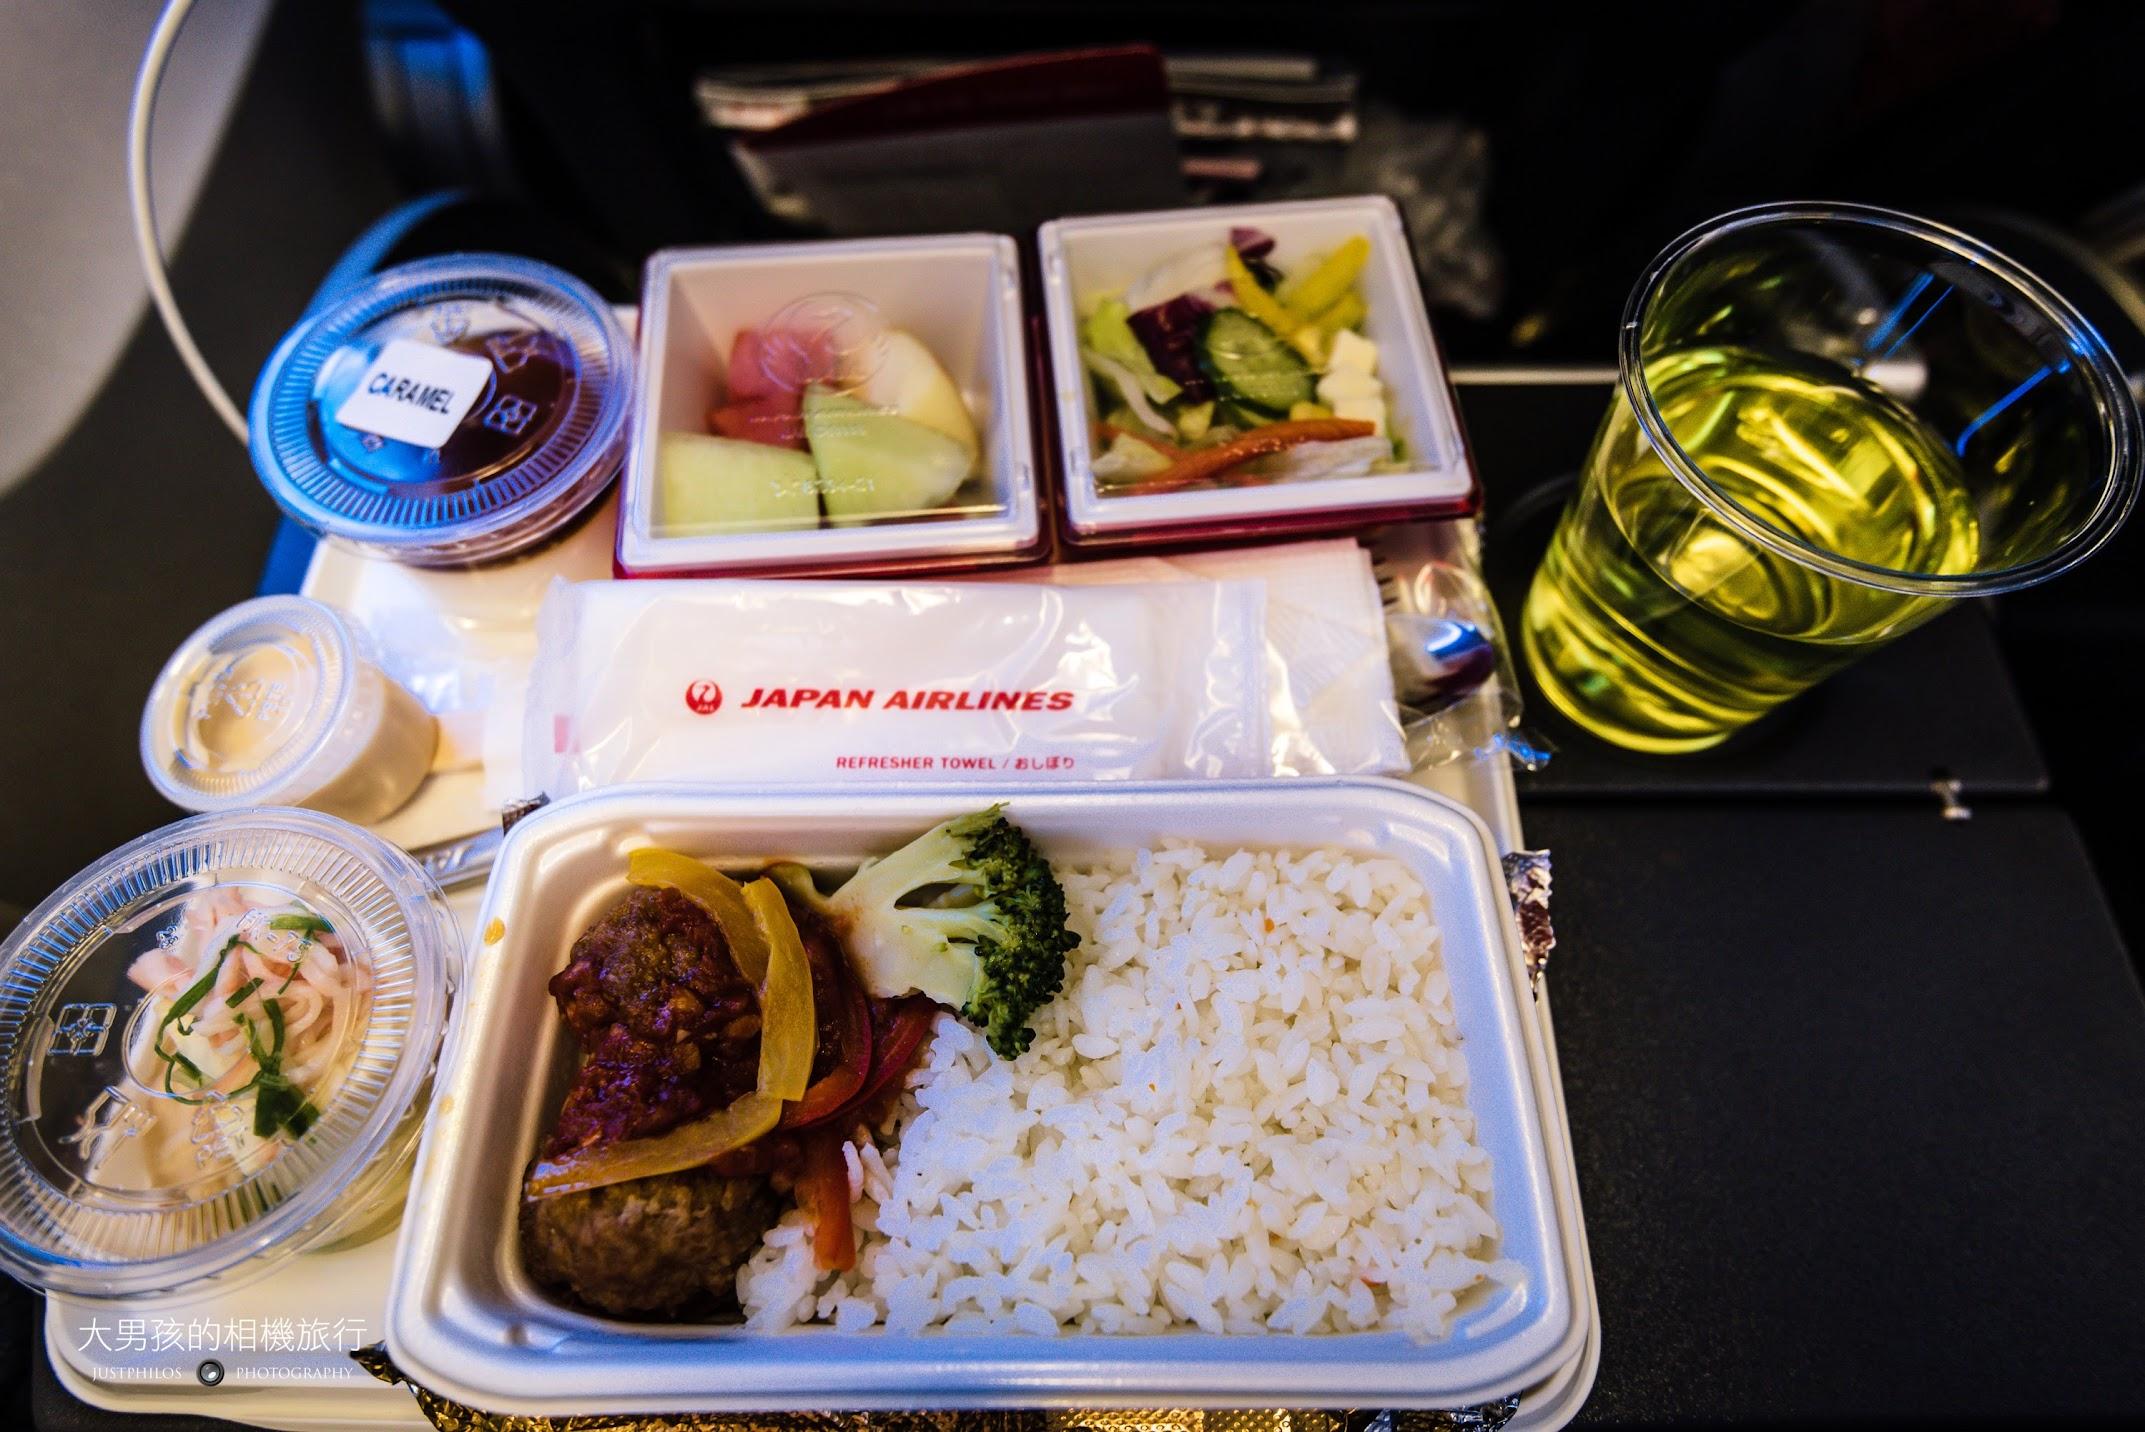 去程的空餐味道雖然不差,但和幾年前的日航空餐相比還是遜色不少。